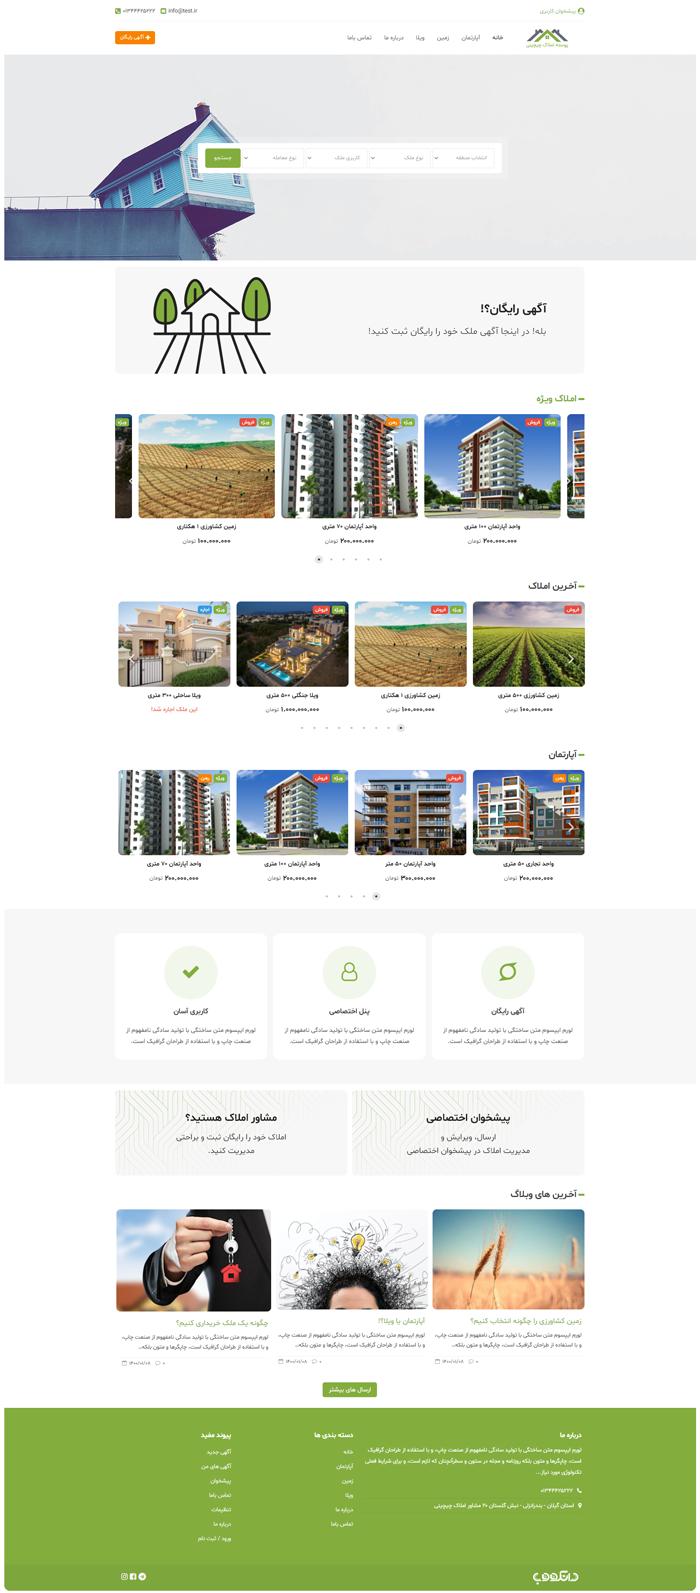 صفحه اصلی قالب وردپرس املاک چیچینی با امکان شخصی سازی کامل